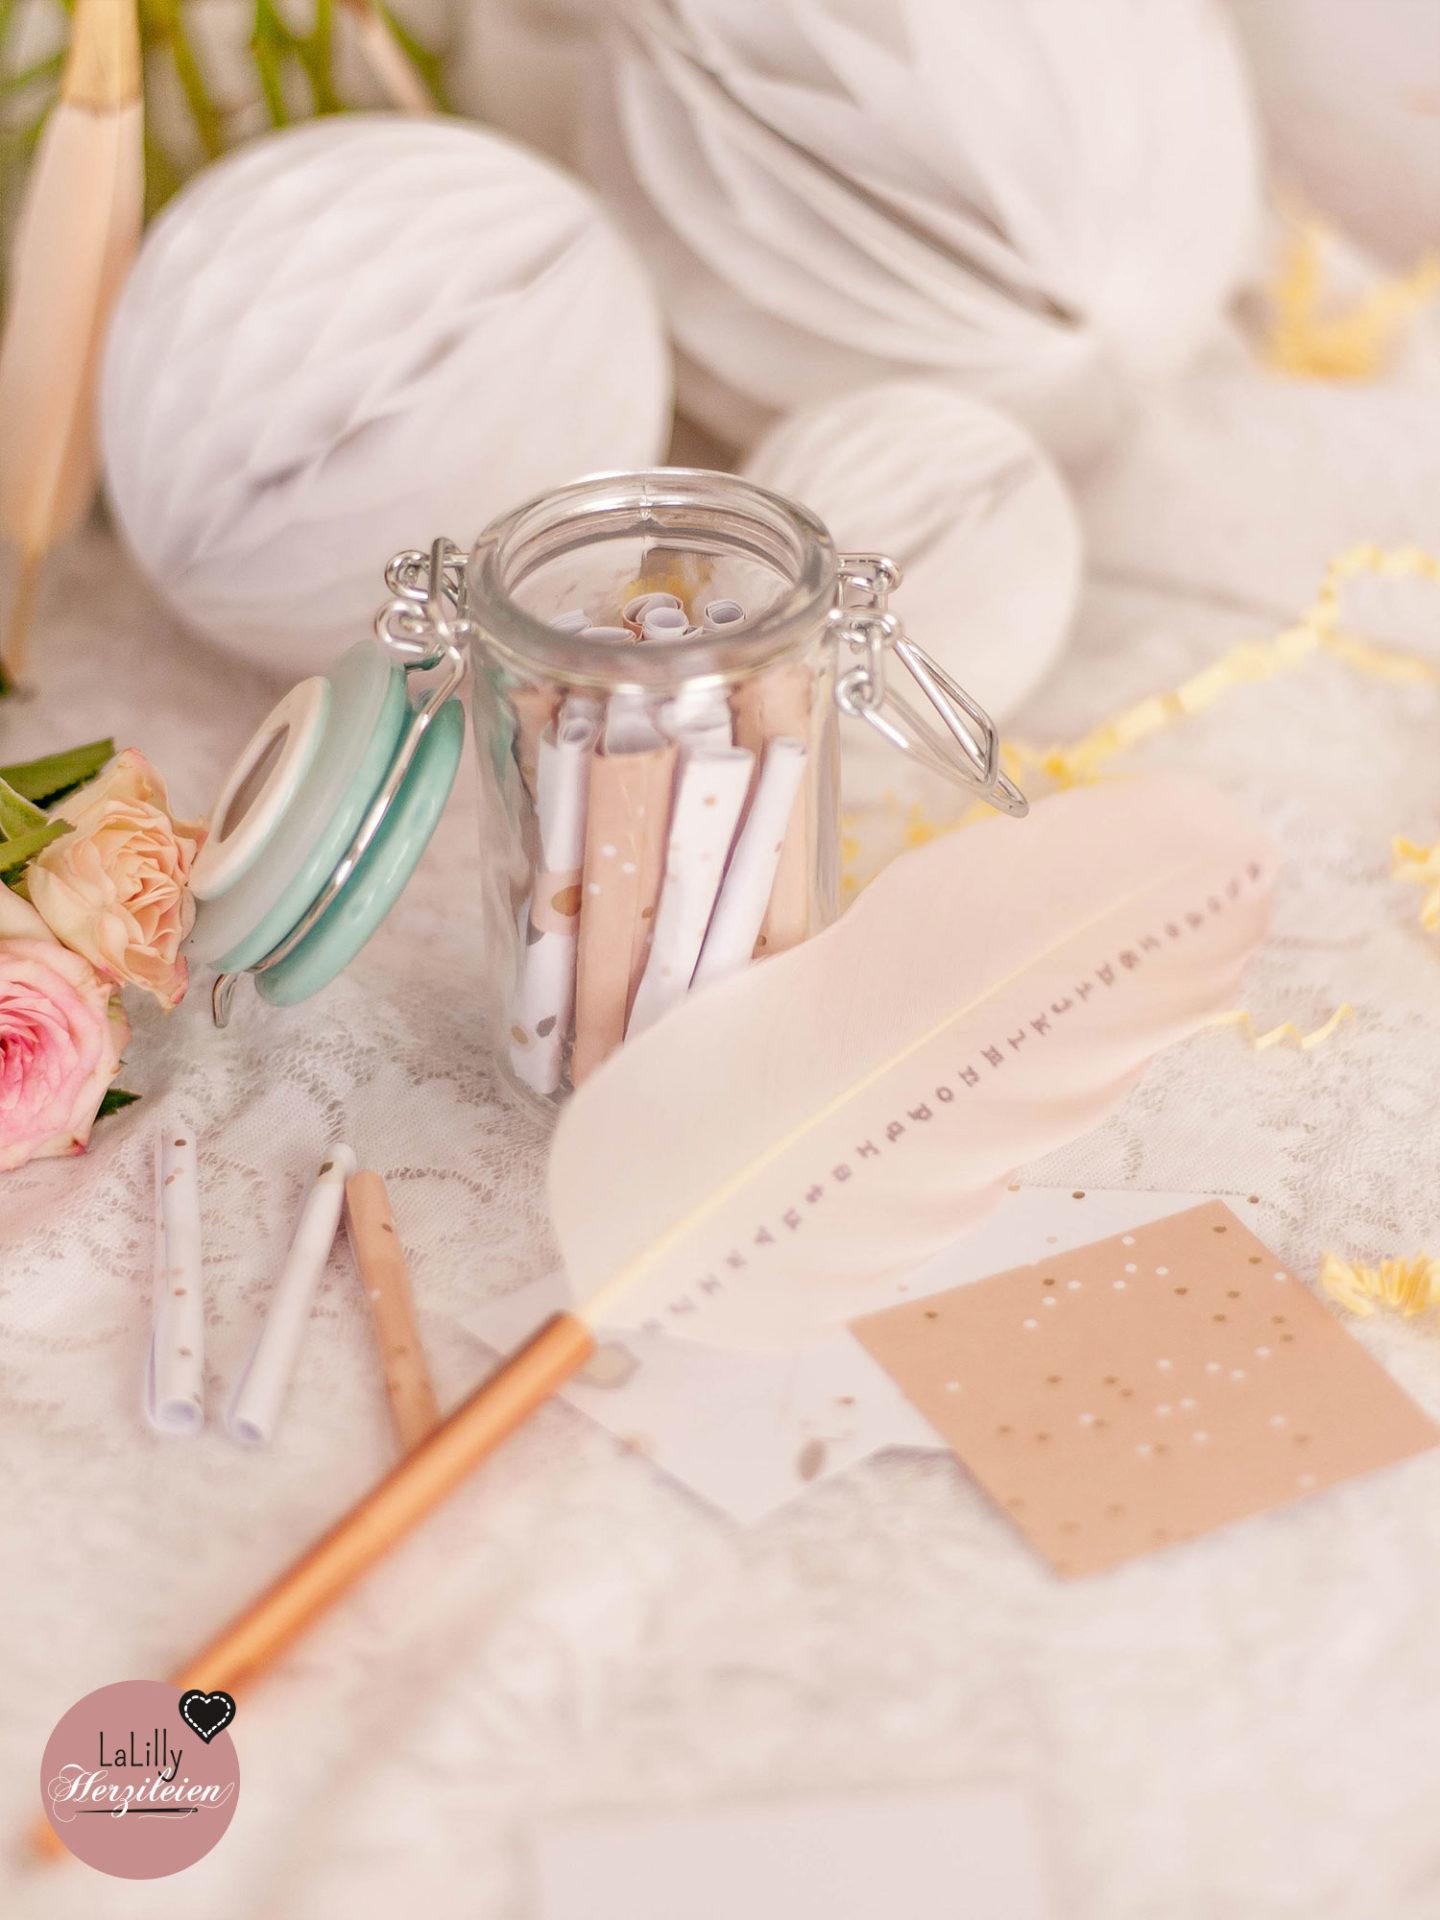 Anzeige Last Minute Diy Geschenkideen Zur Hochzeit